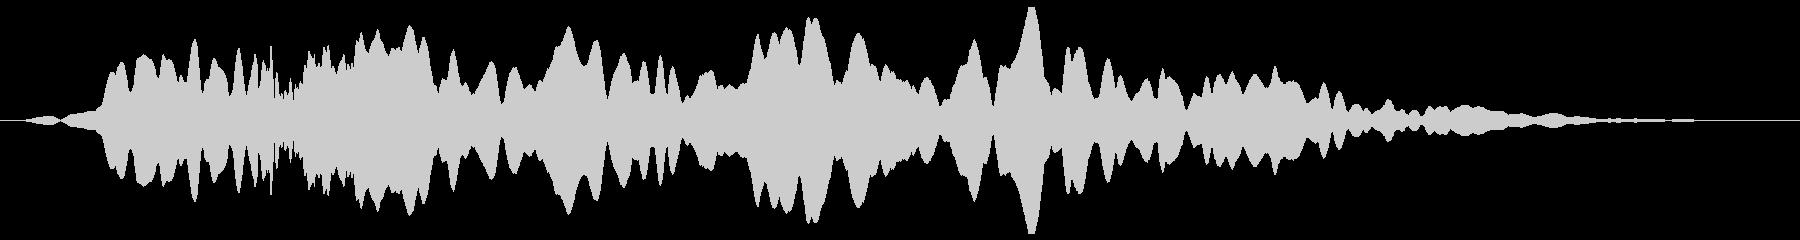 ヒュ〜ウ〜ン・・・(不気味な効果音)の未再生の波形